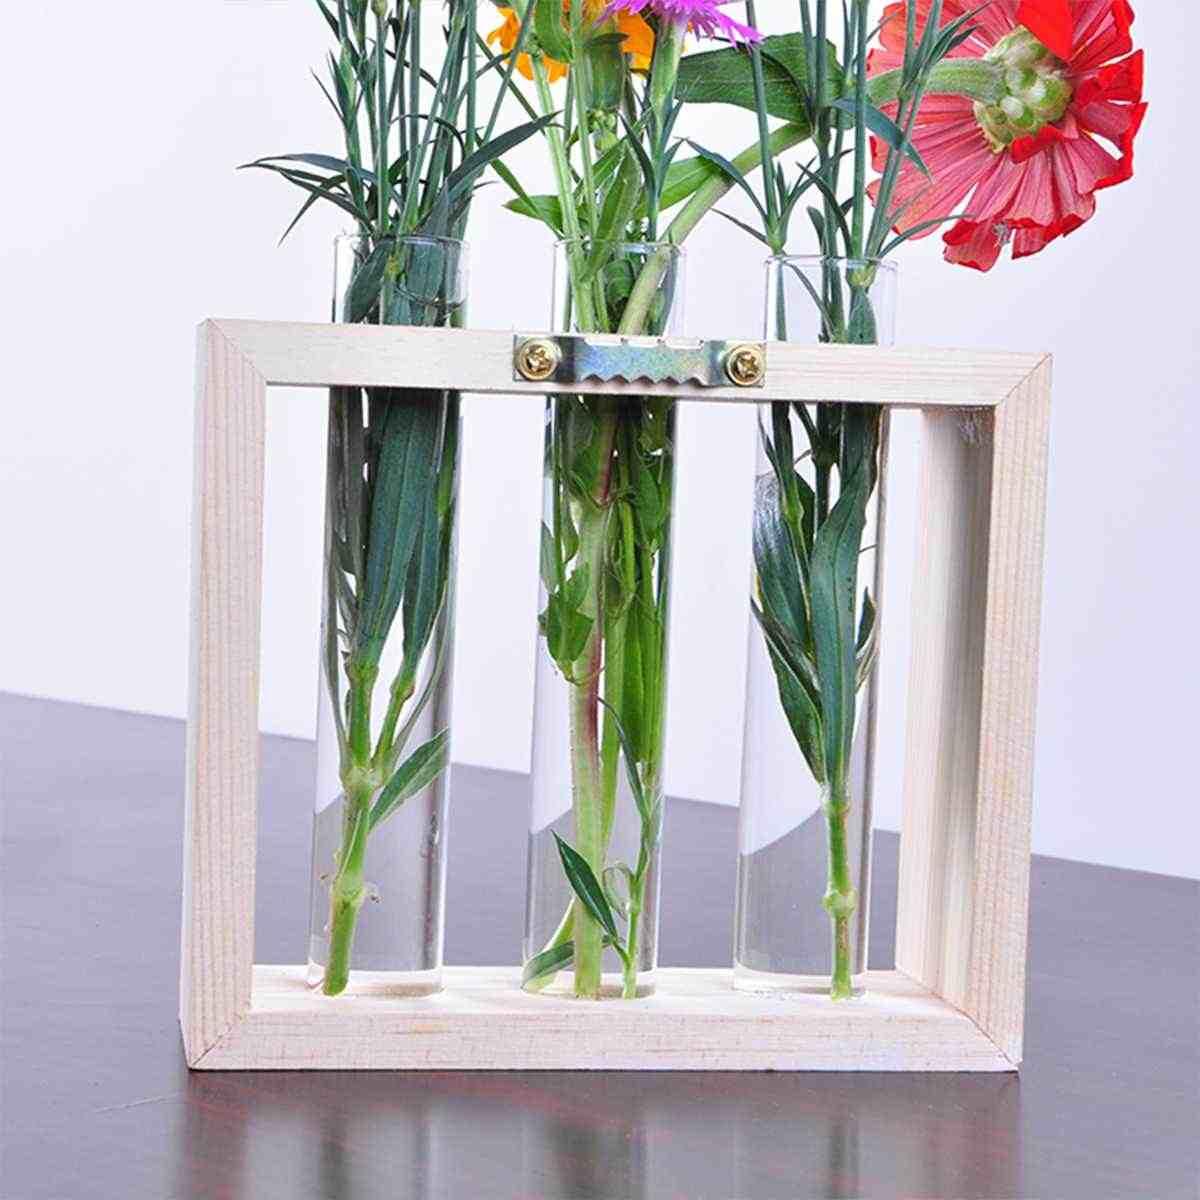 الجدول جدار زجاج معلق أنبوب مياه زهرية بونساي تتفتح وعاء النبات حامل خشبي زهرة زجاجة الحاويات مصنع الزراعة المائية أنابيب